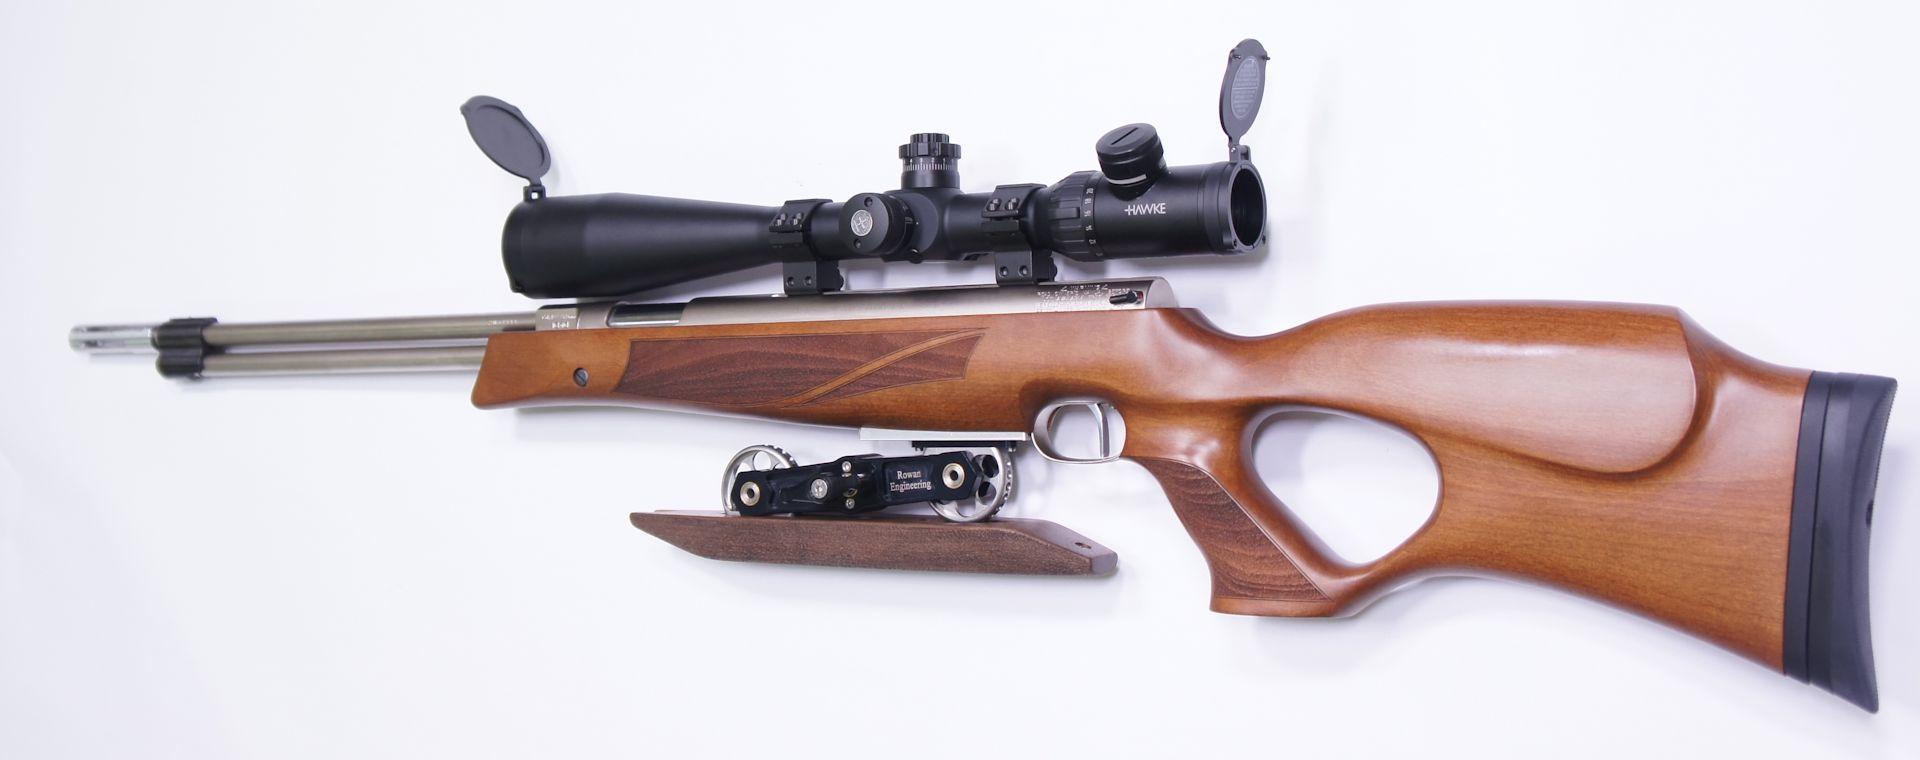 Gerne können Sie so ein Luftgewehr auch in vernickelter Ausführung und mit Optik bei mir bekommen. Bei Bedarf fragen Sie bitte an.